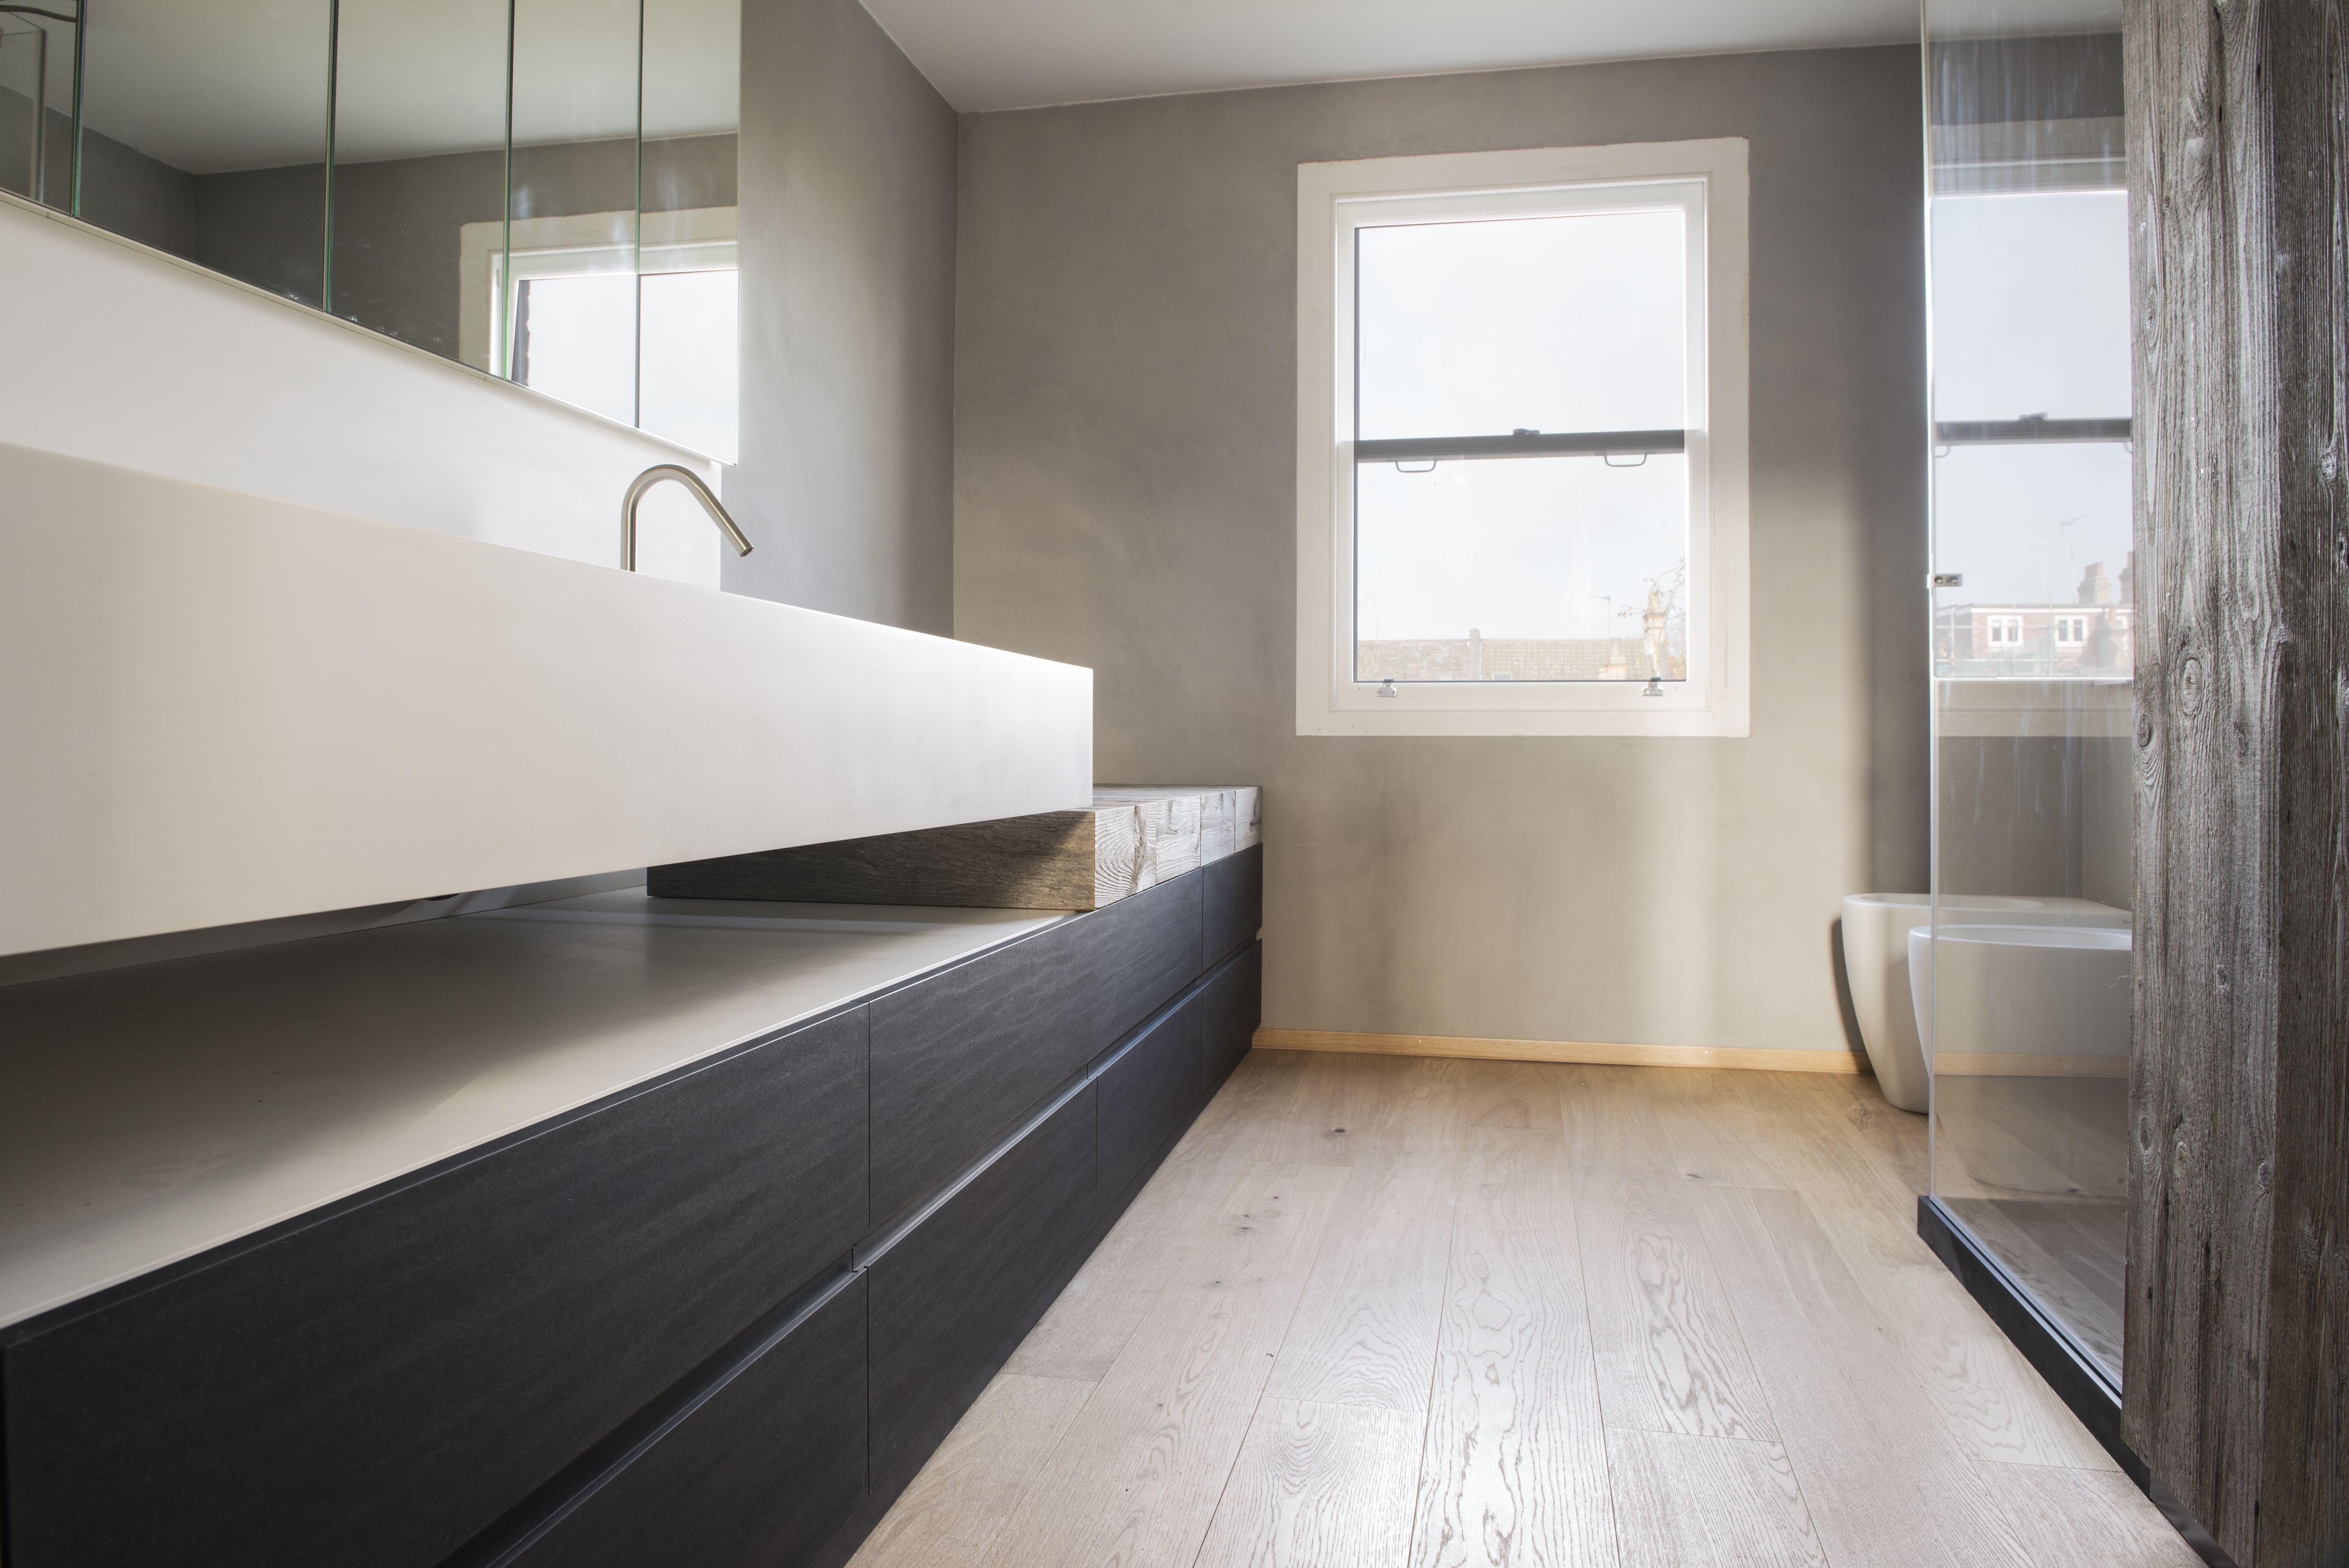 Progetto domestico in #london #bathroom #simonepiva.com #paperstone